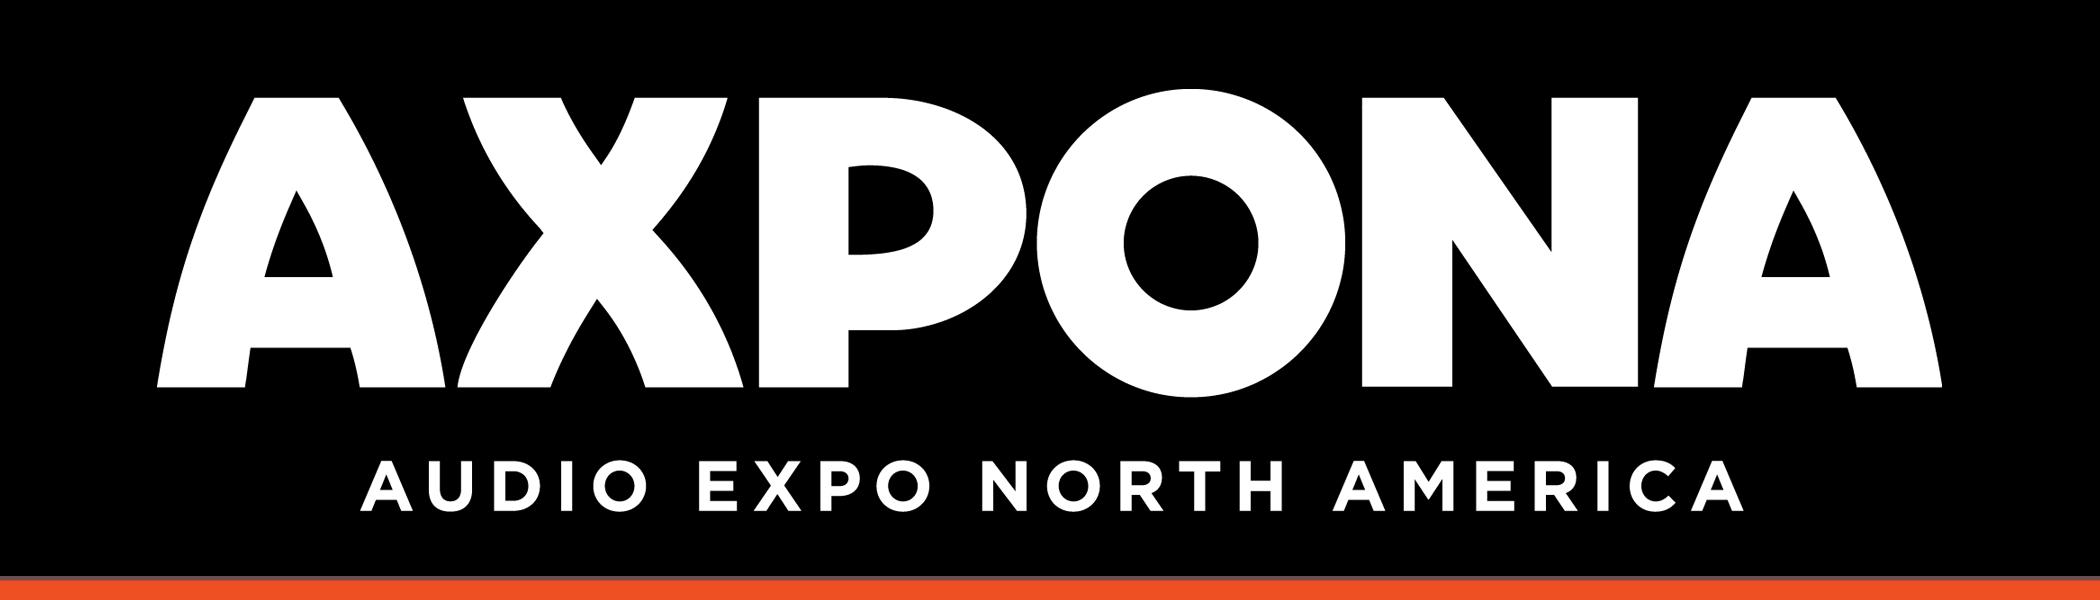 axpona show logo